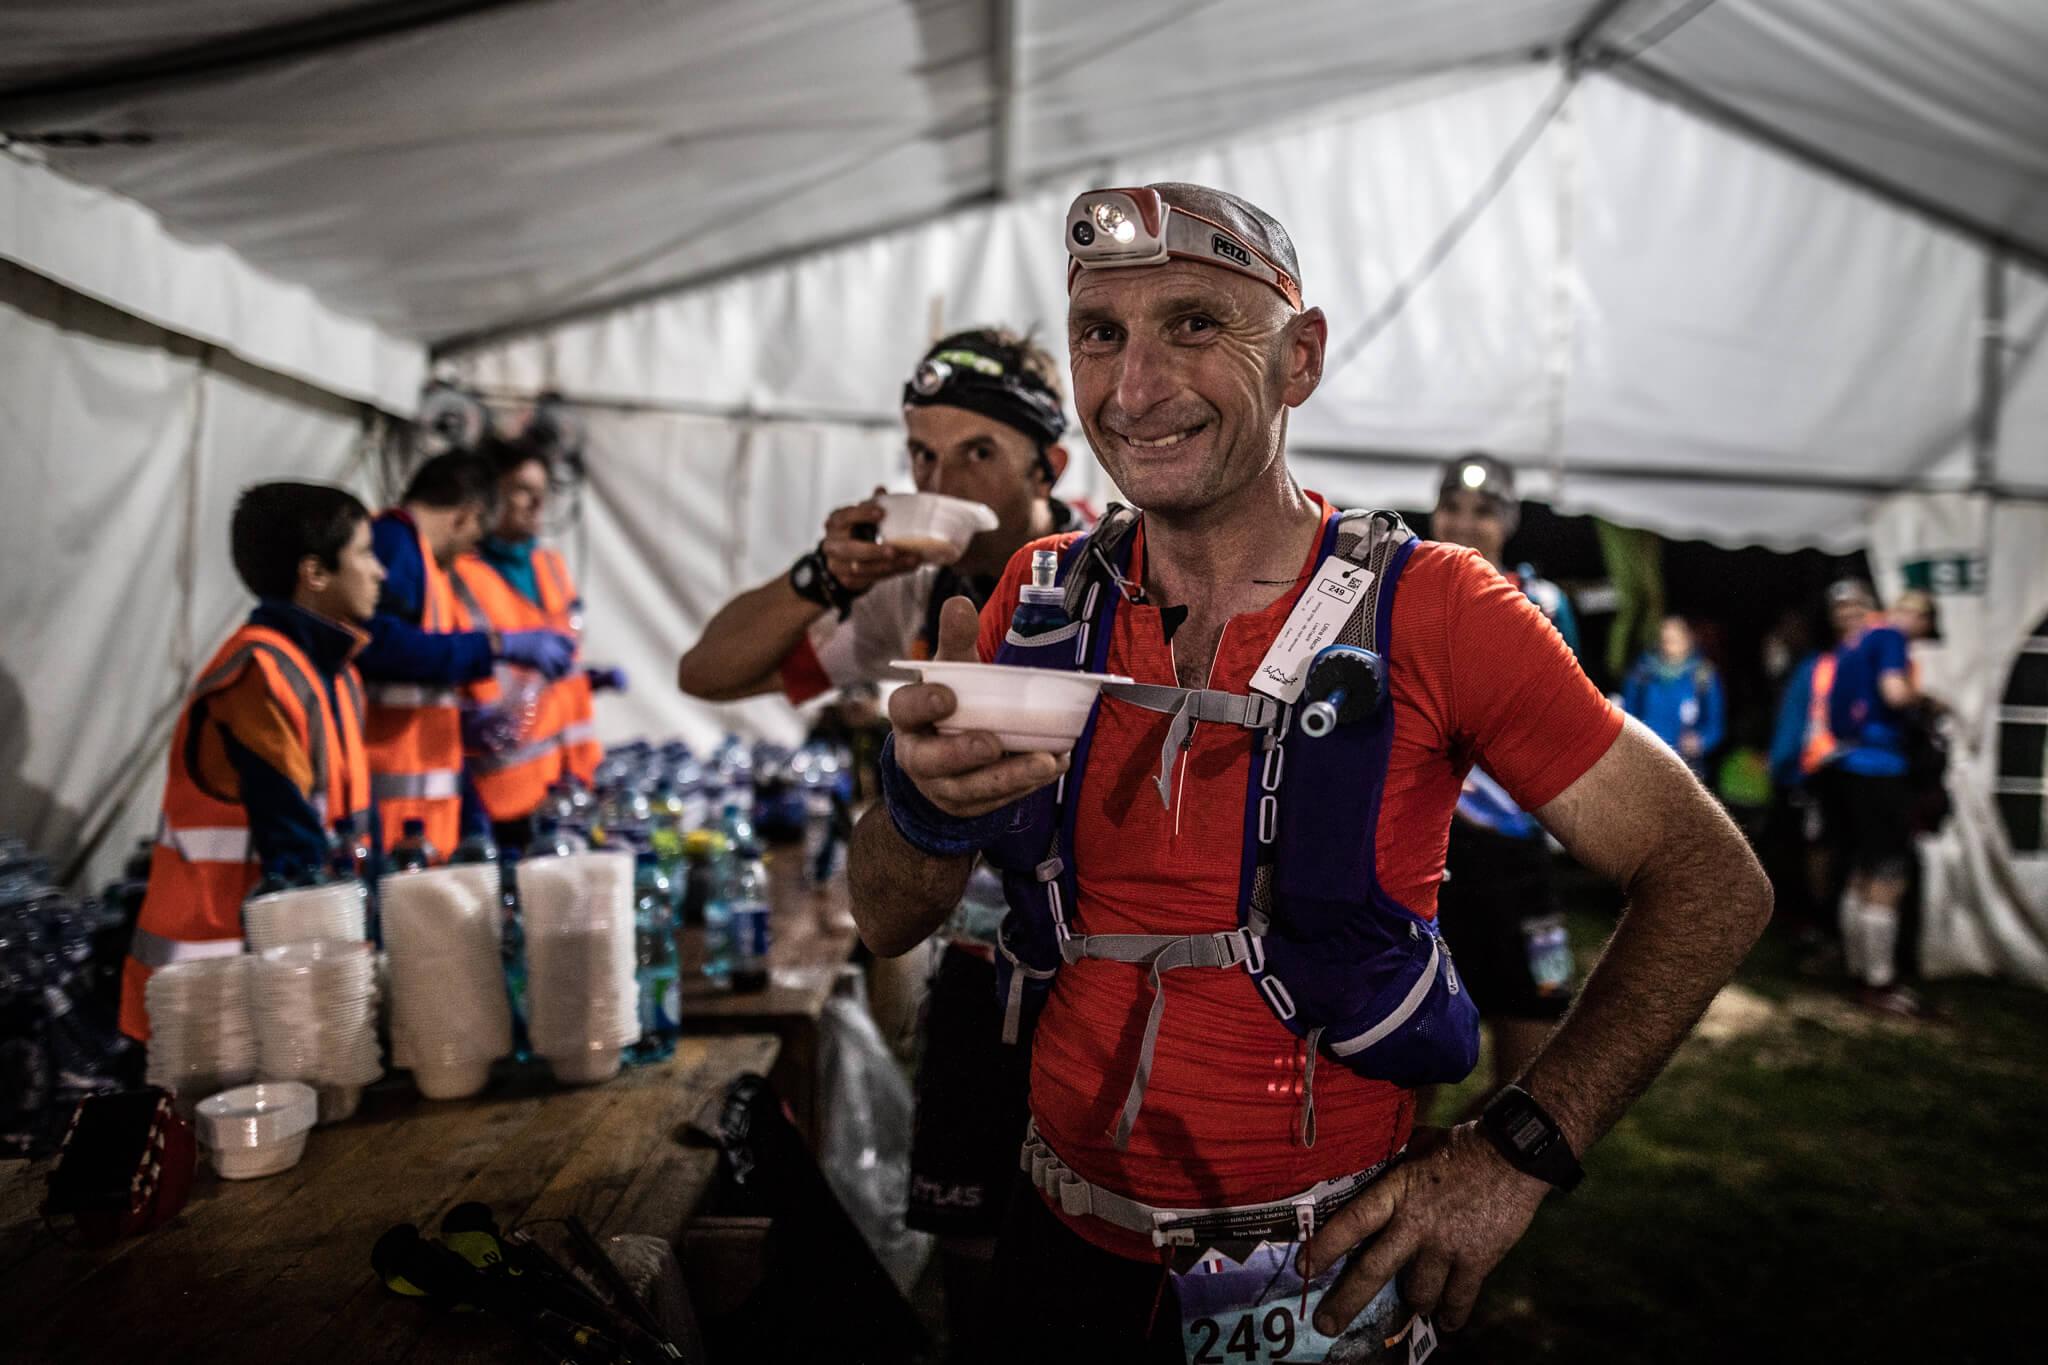 Maxi race d'Annecy